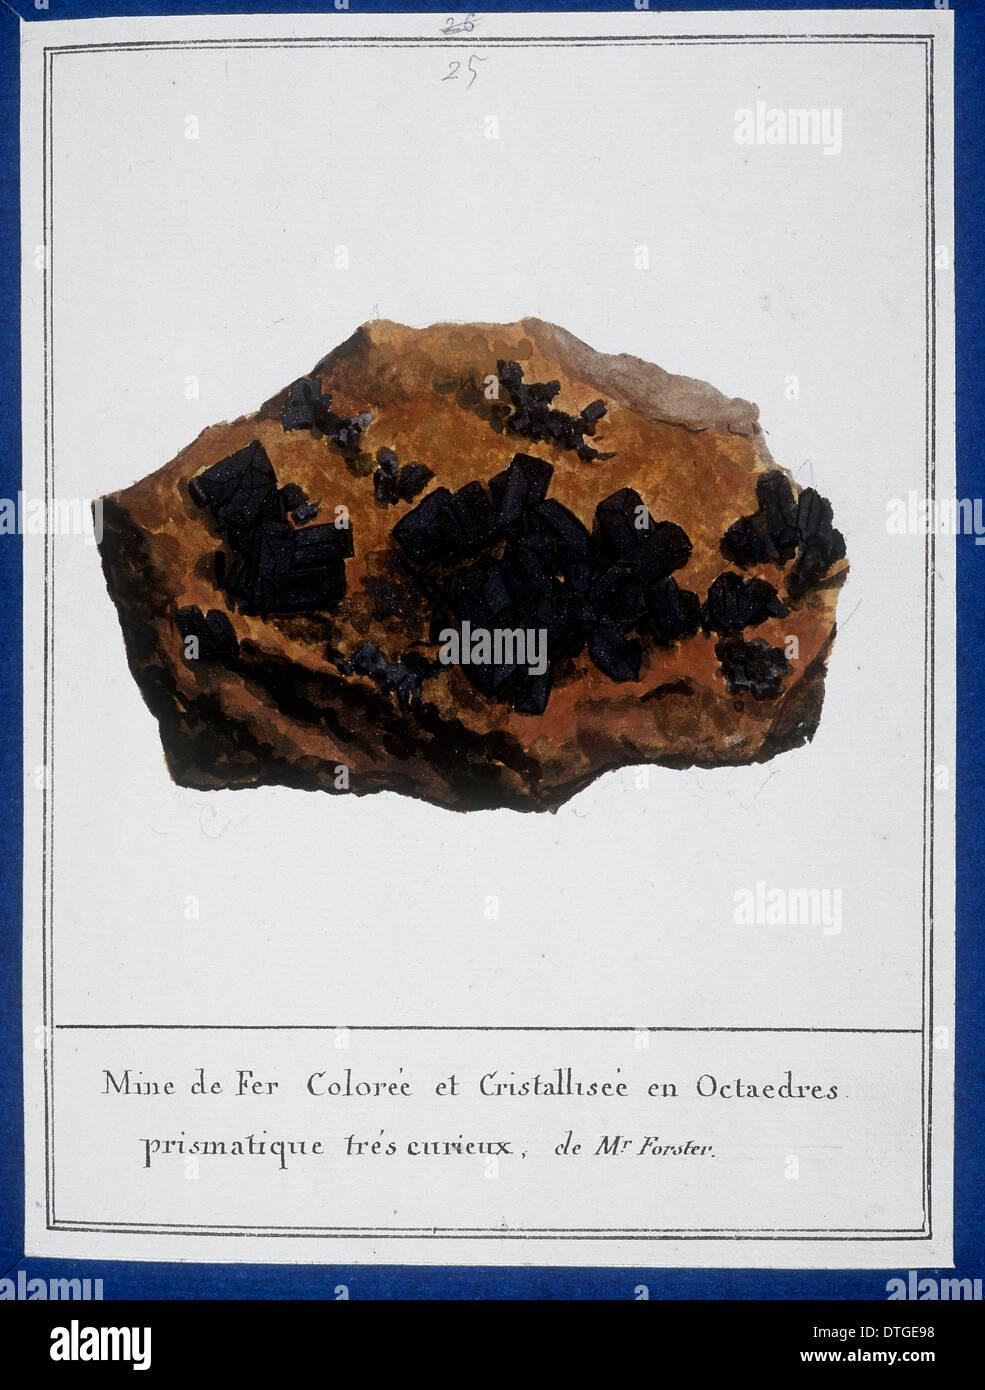 La piastra 25 da Mineralogie da Swebach Desfontaines Immagini Stock